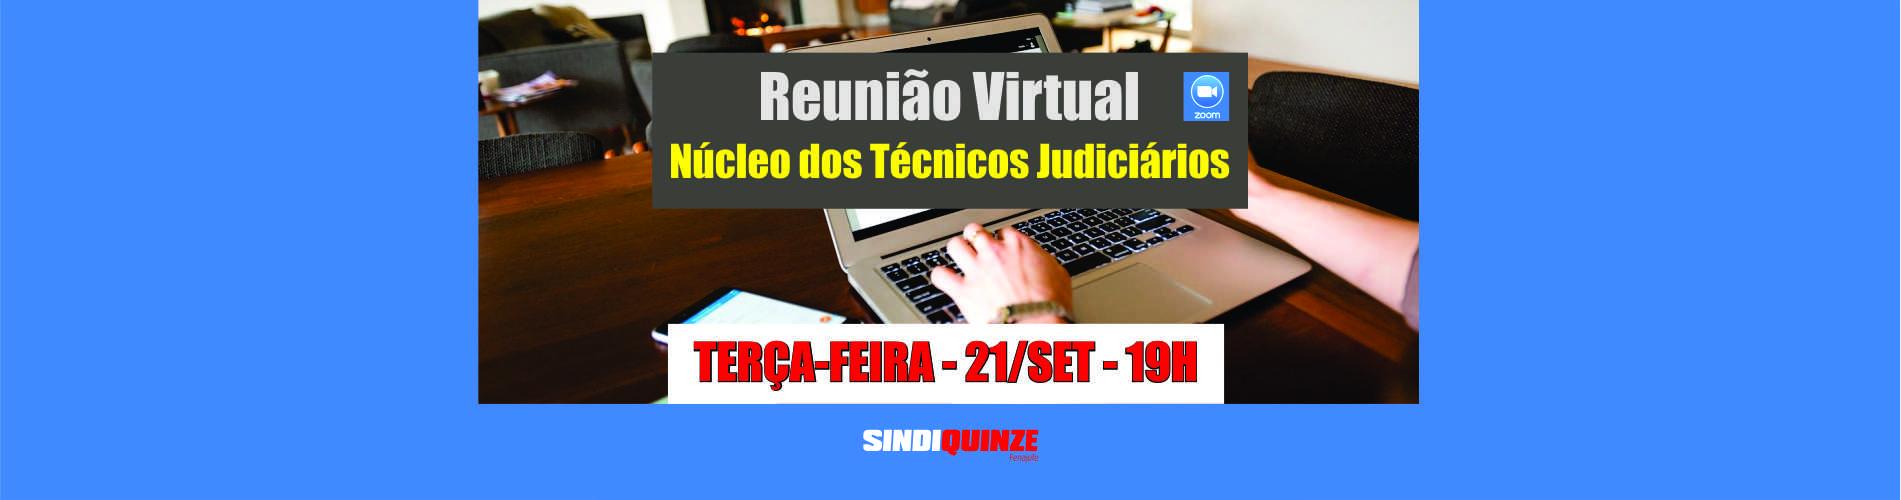 Sindiquinze realiza reunião virtual do Núcleo dos Técnicos no dia 21 de setembro